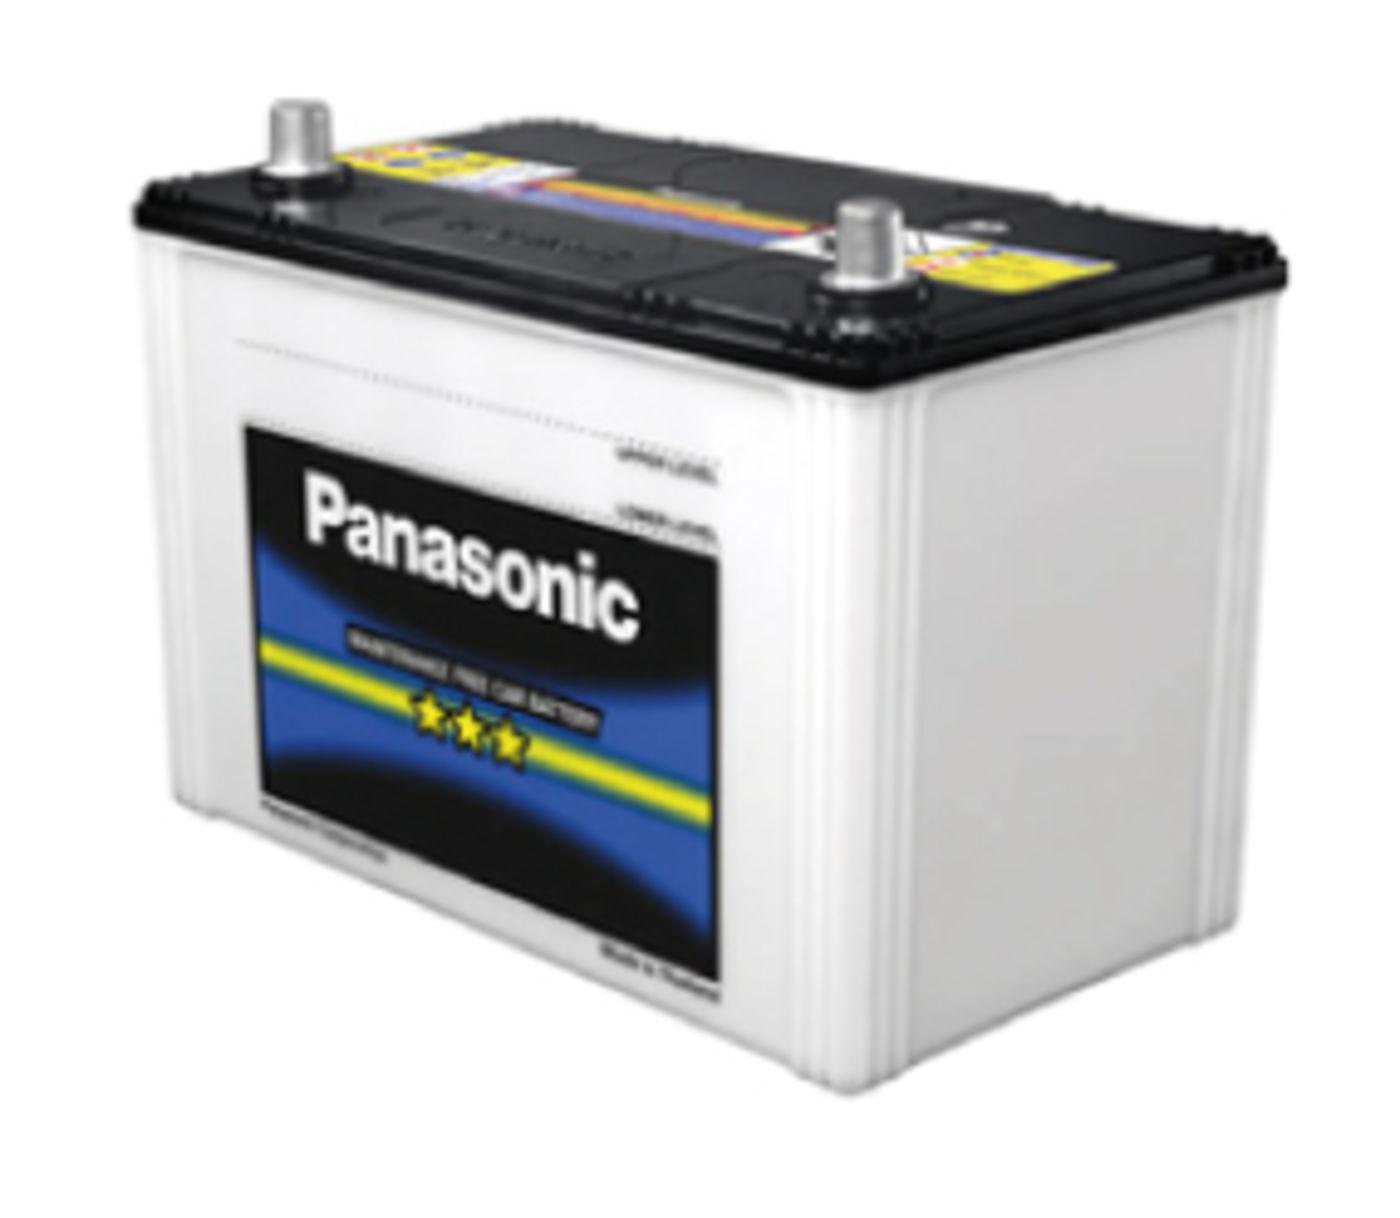 Panasonic 95D31L